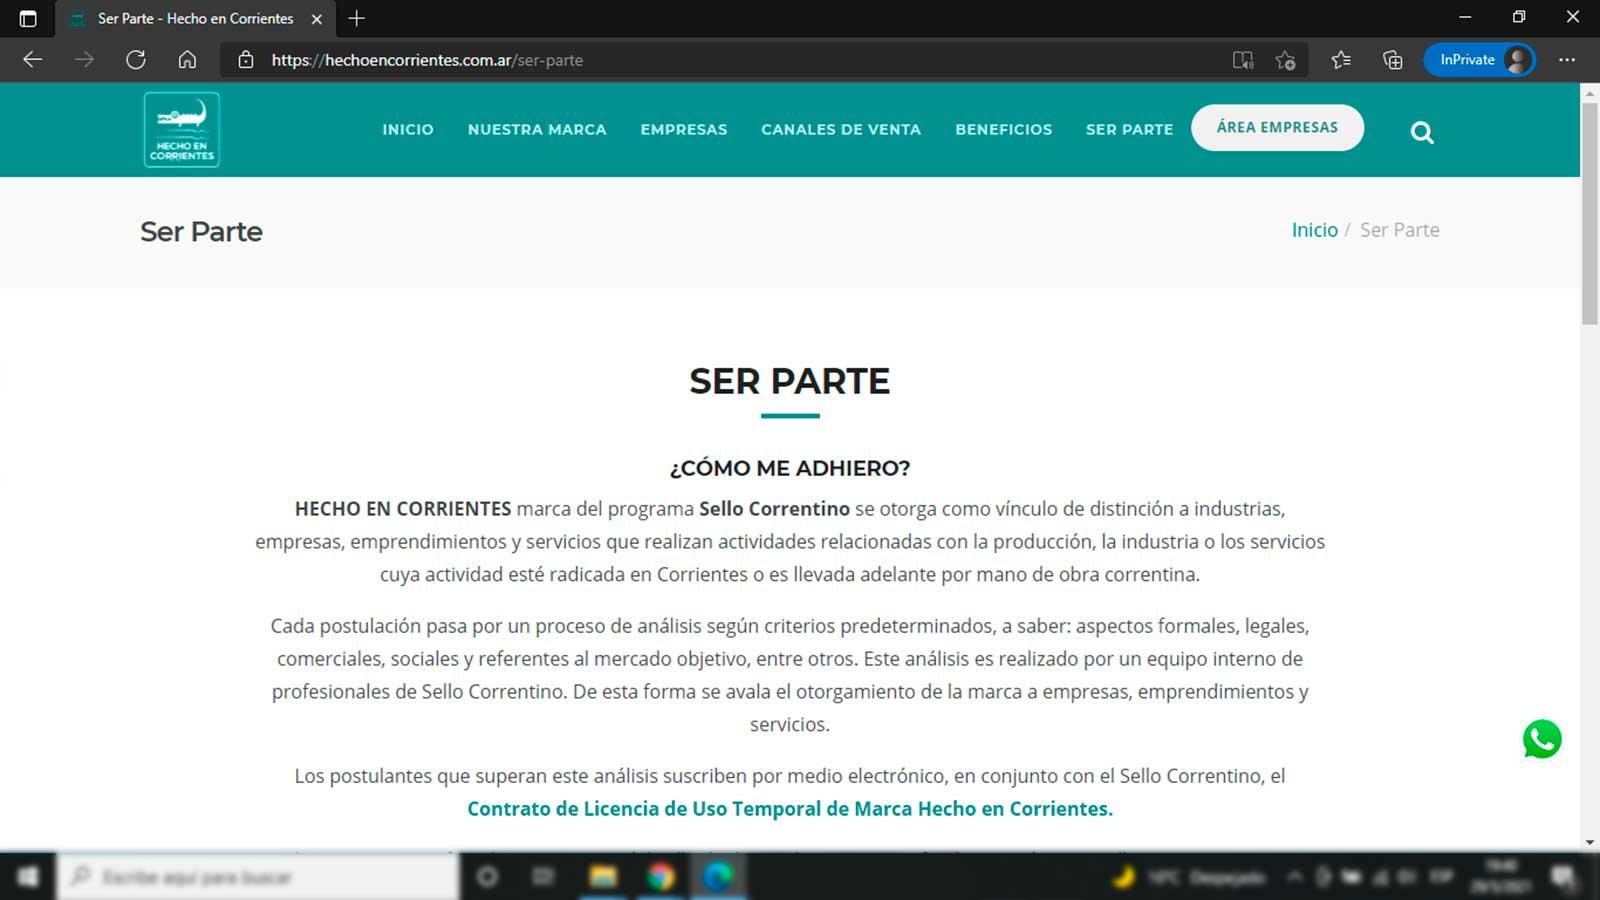 Hecho en Corrientes